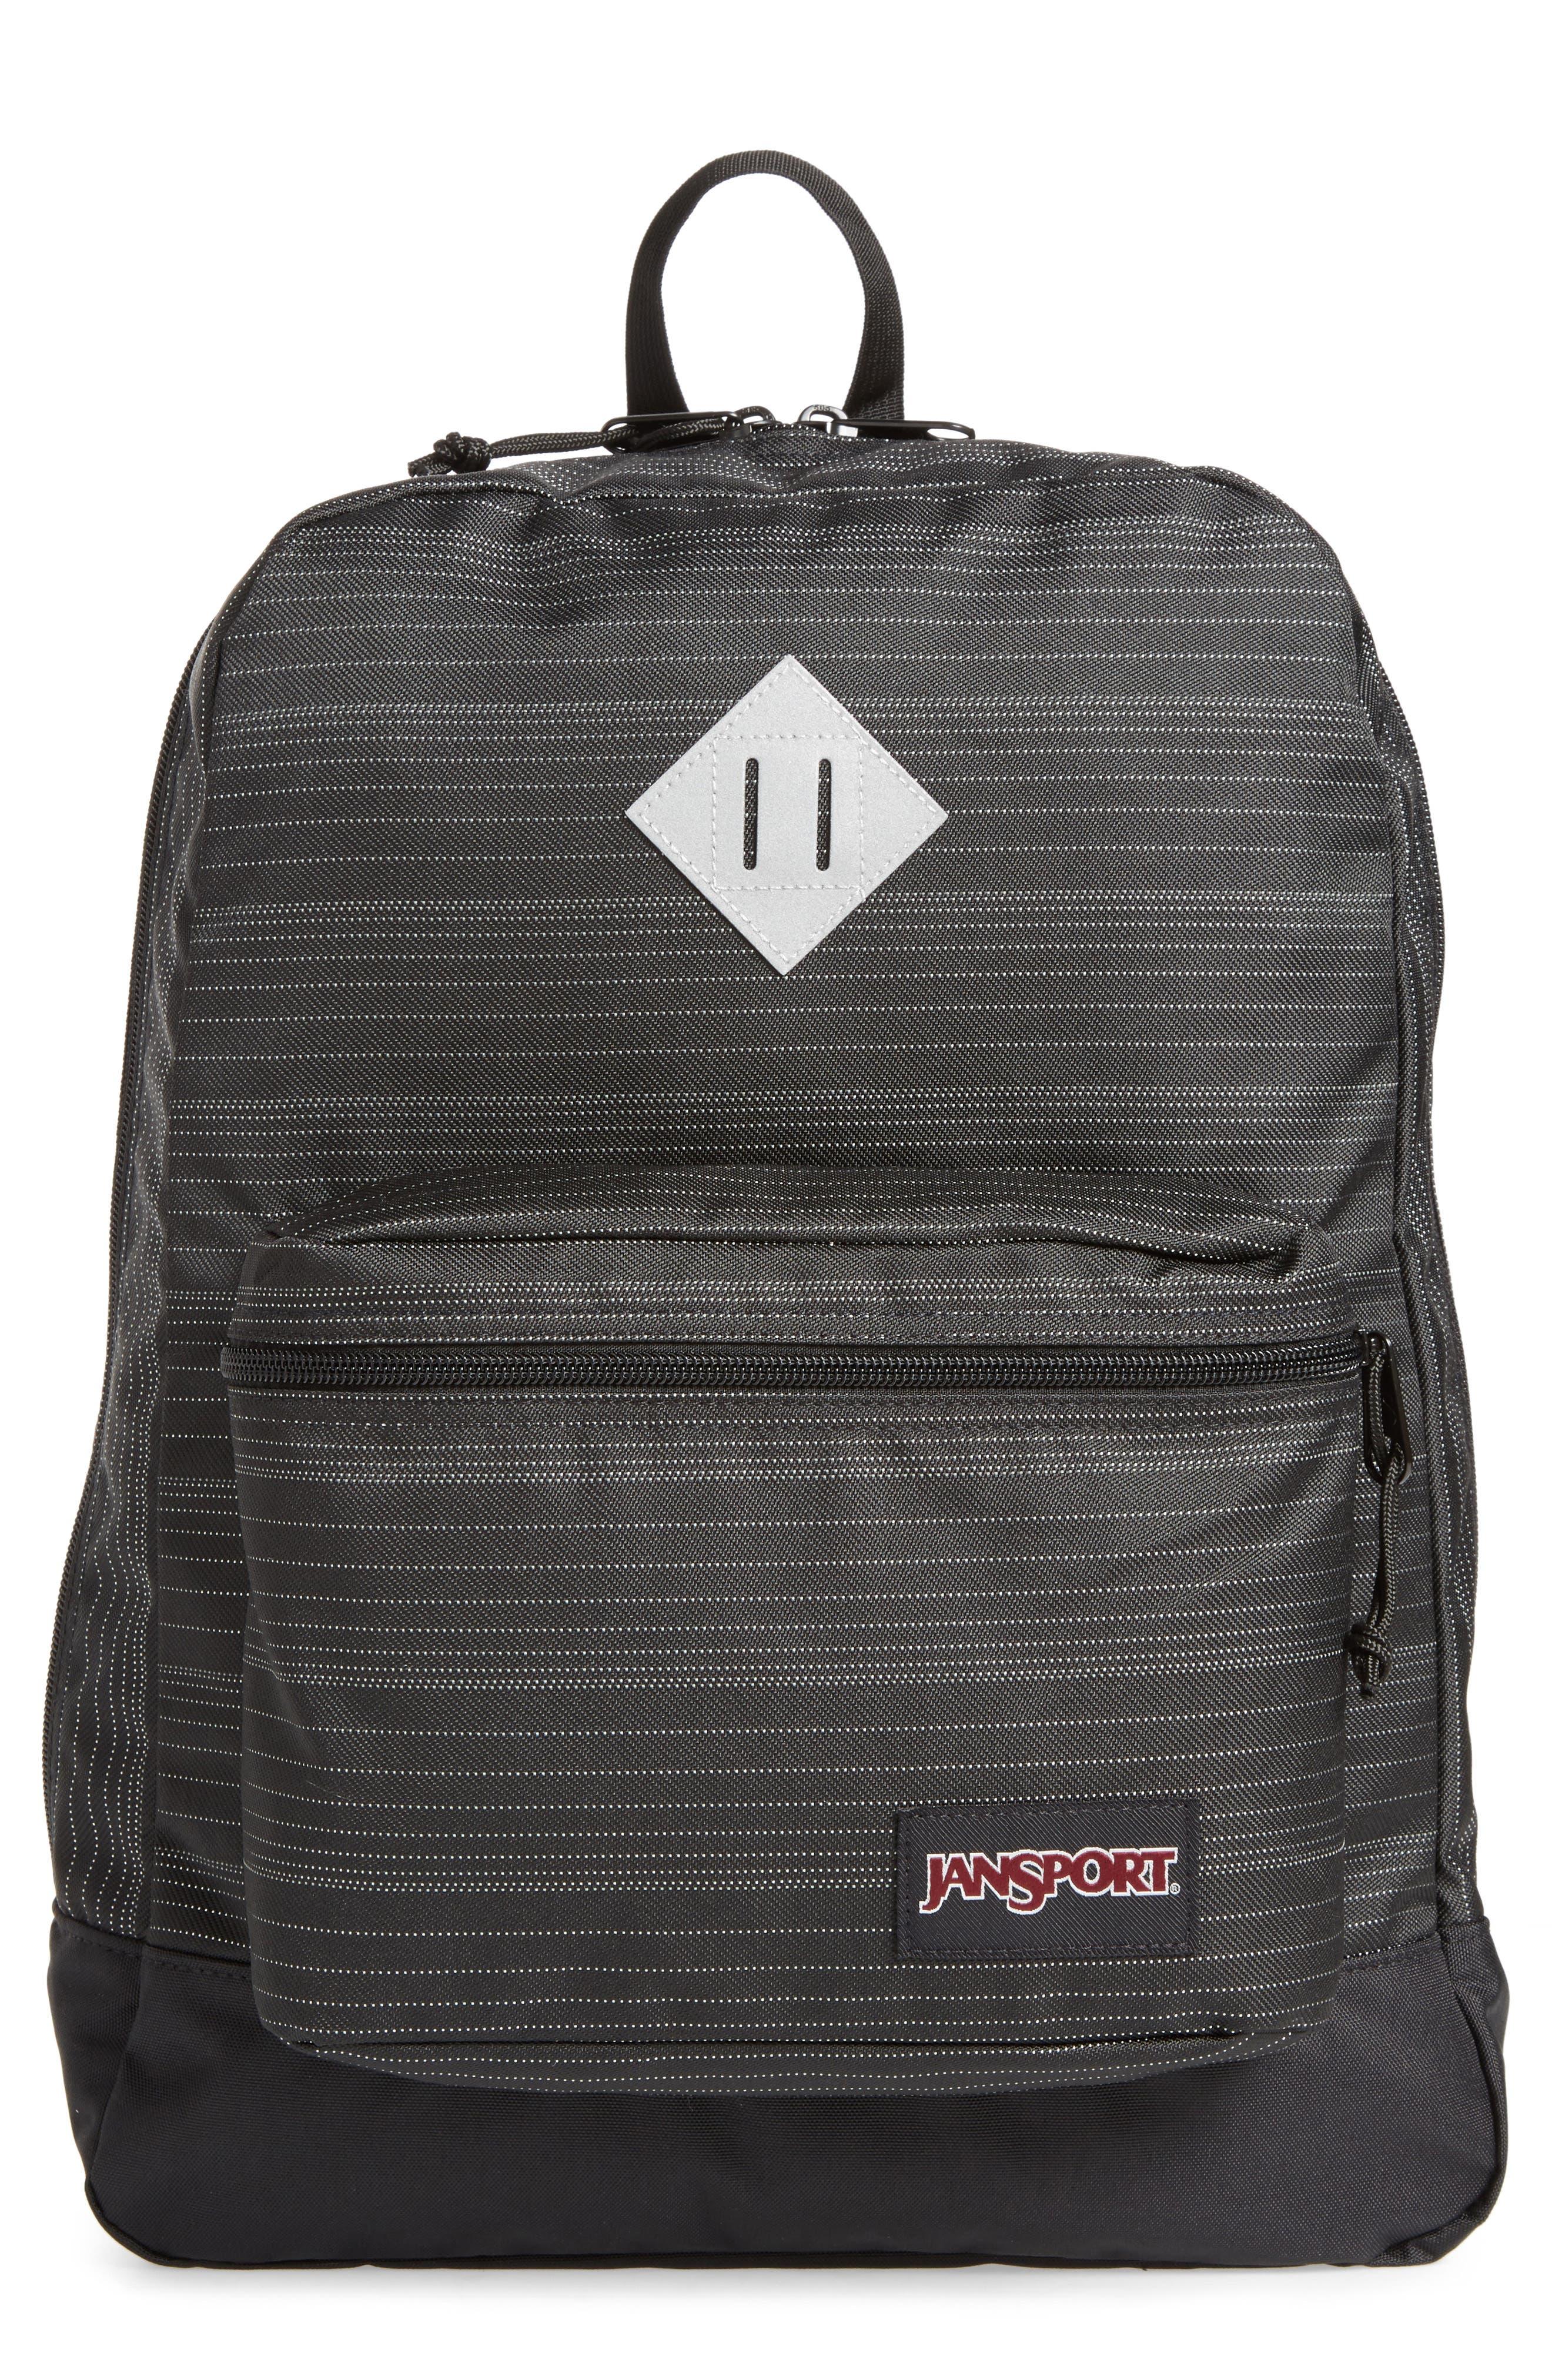 Alternate Image 1 Selected - Jansport Super FX Reflective Backpack